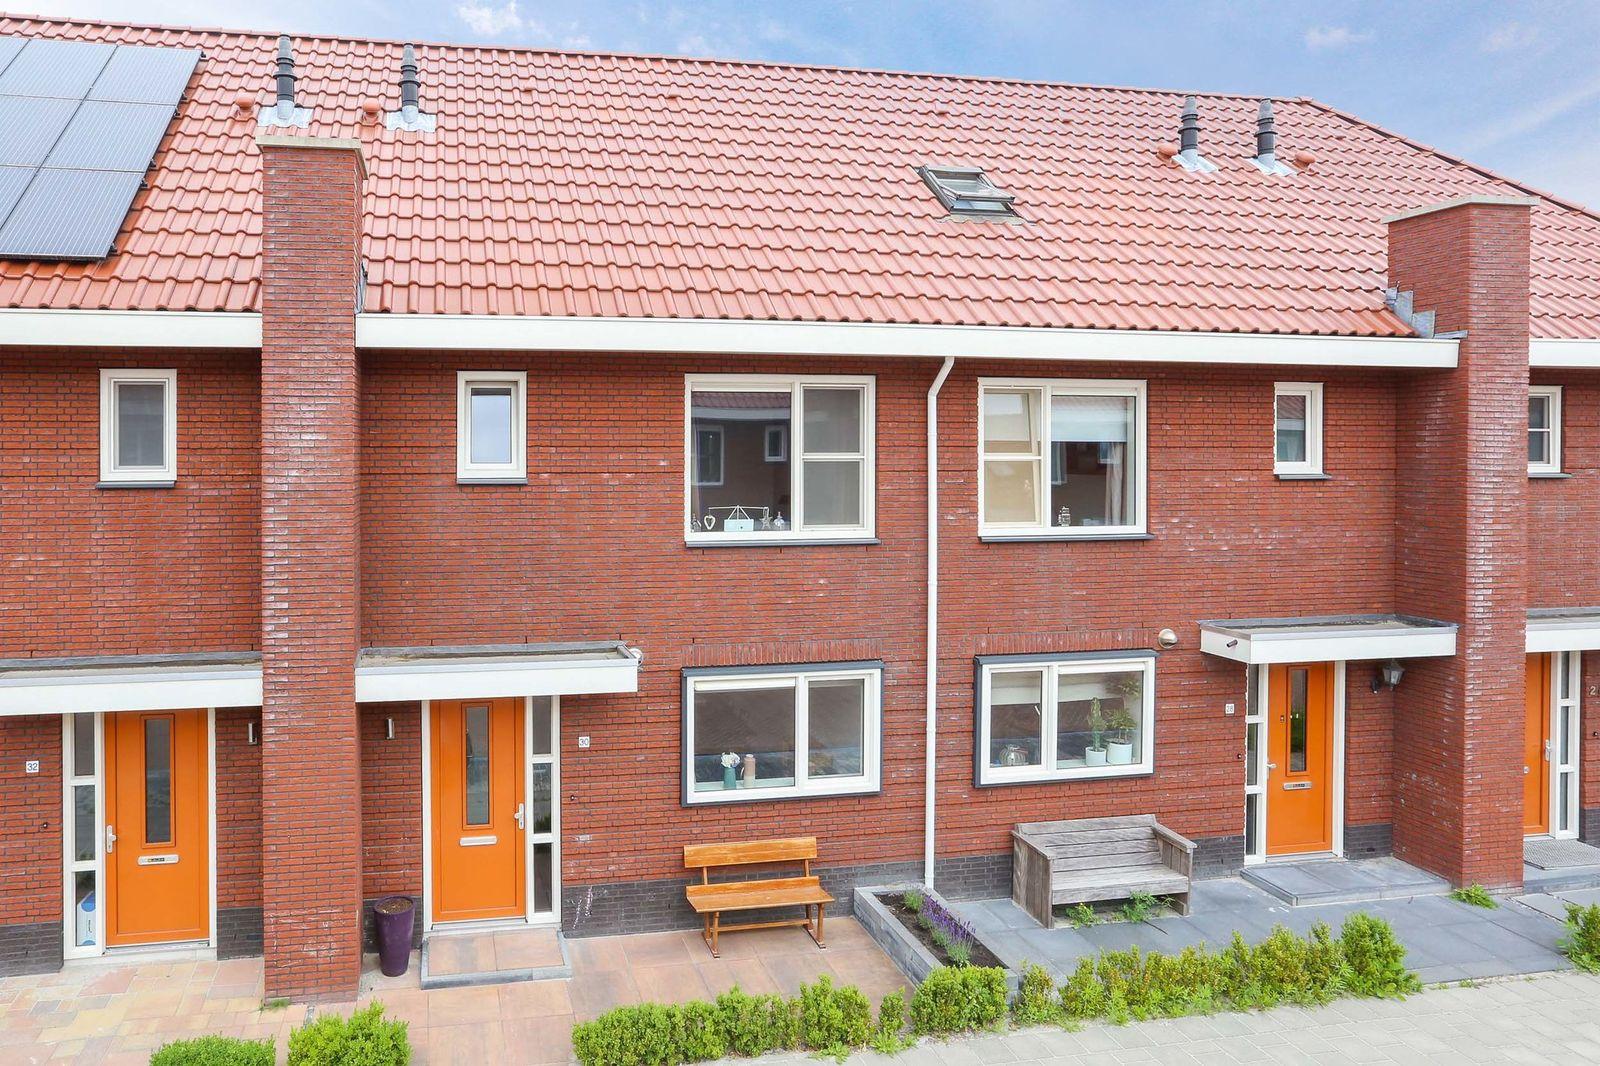 Jan Luykenstraat 30, Leeuwarden